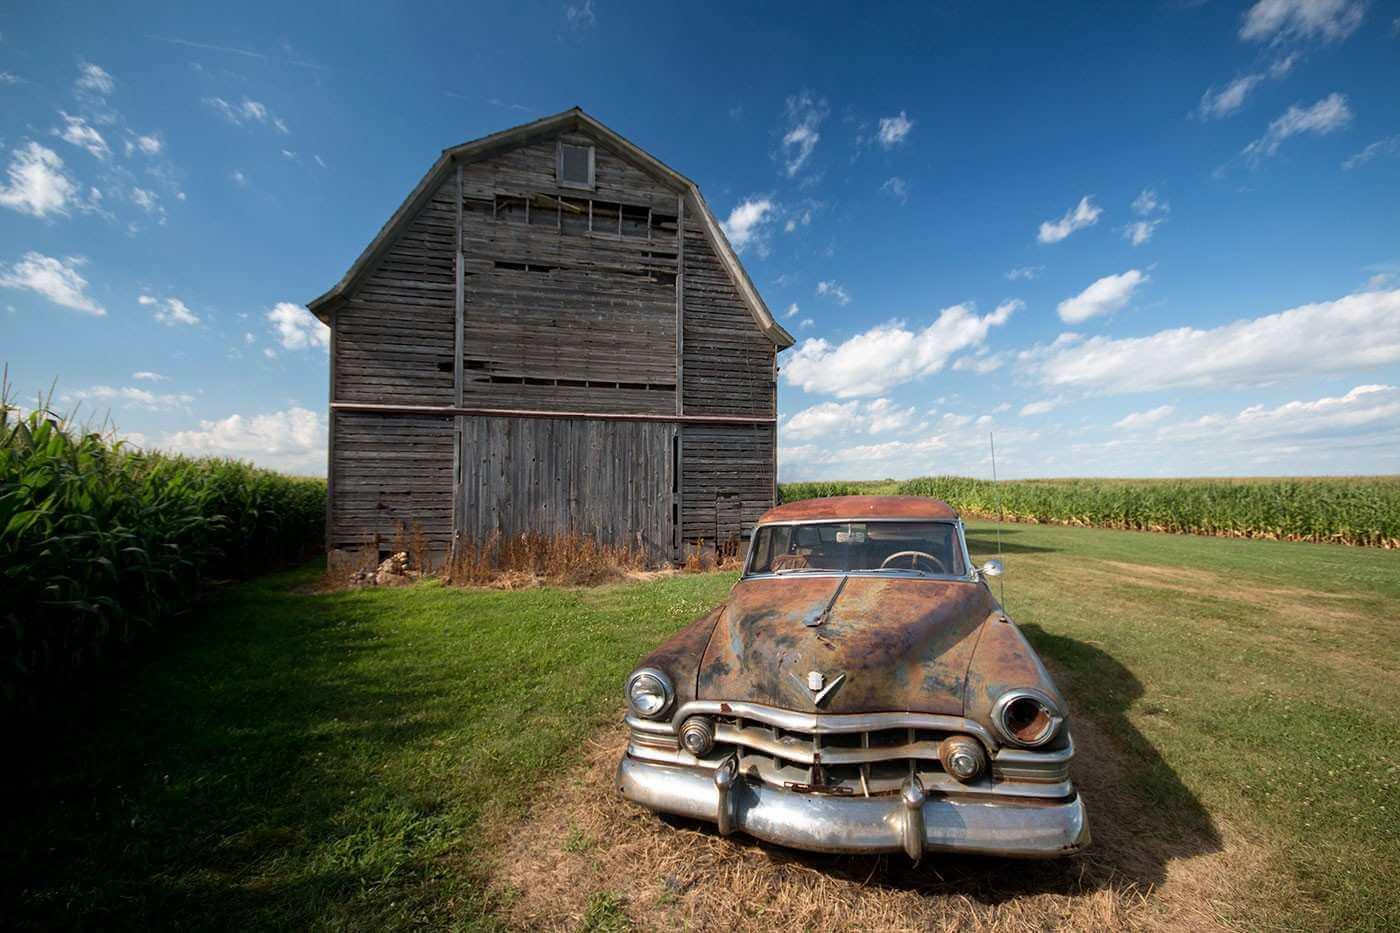 The Farmer's Barn